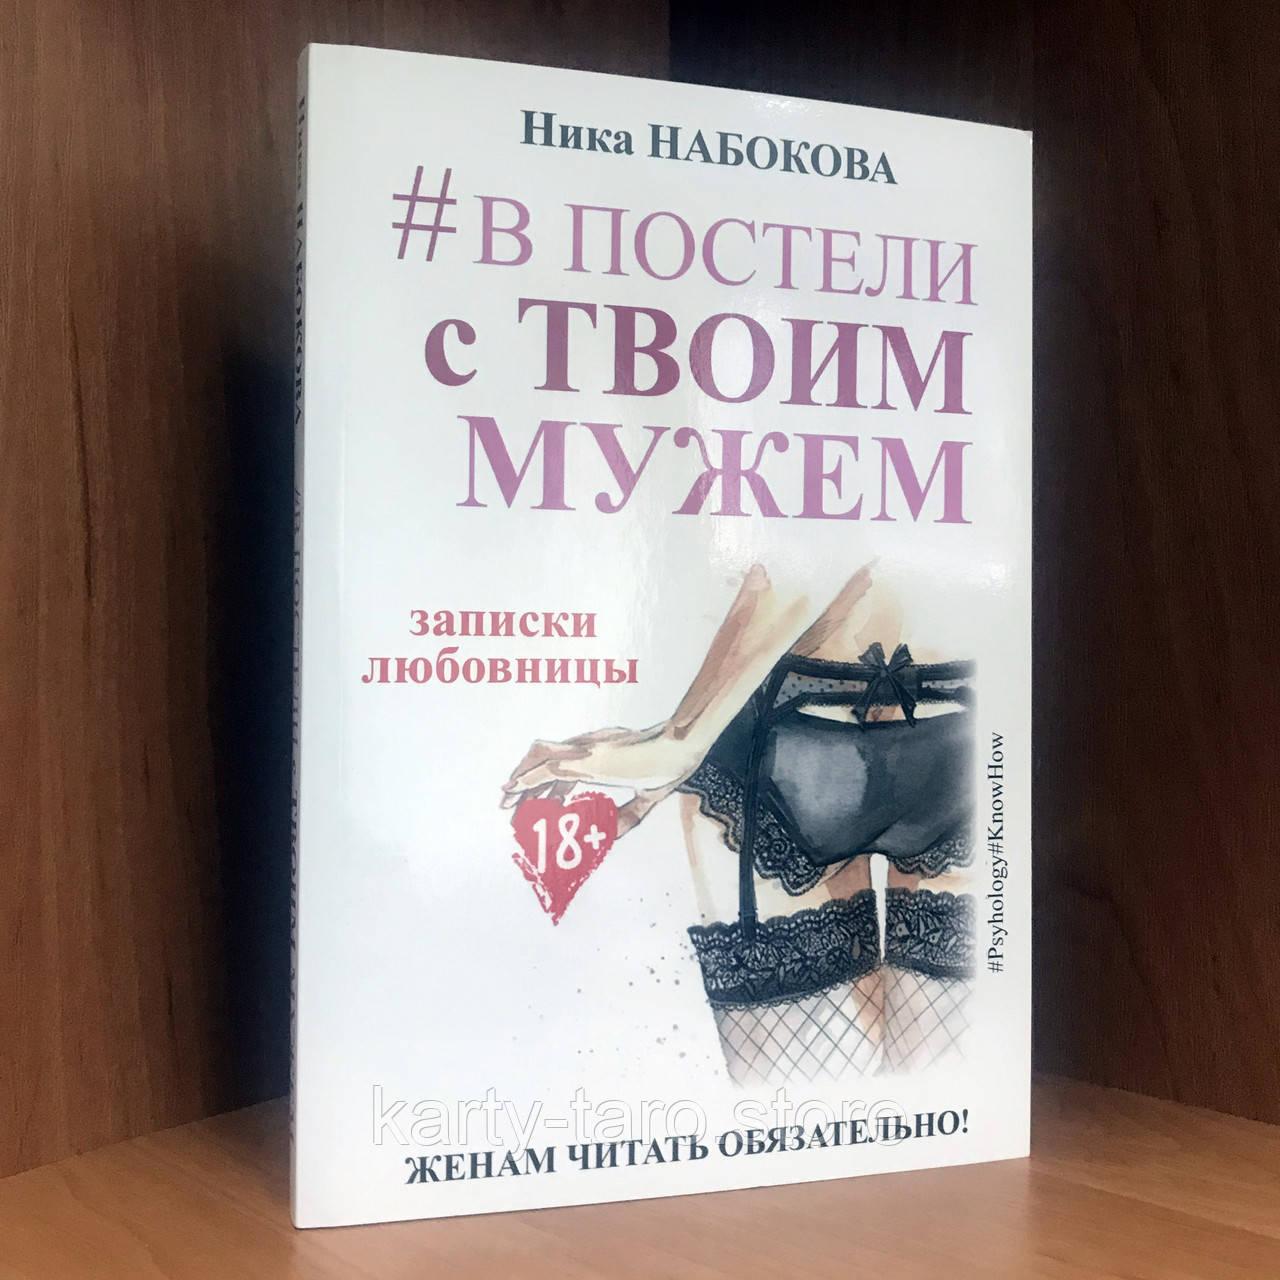 Книга В постели с твоим мужем. Записки любовницы Женам читать обязательно!  -  Ника Набокова